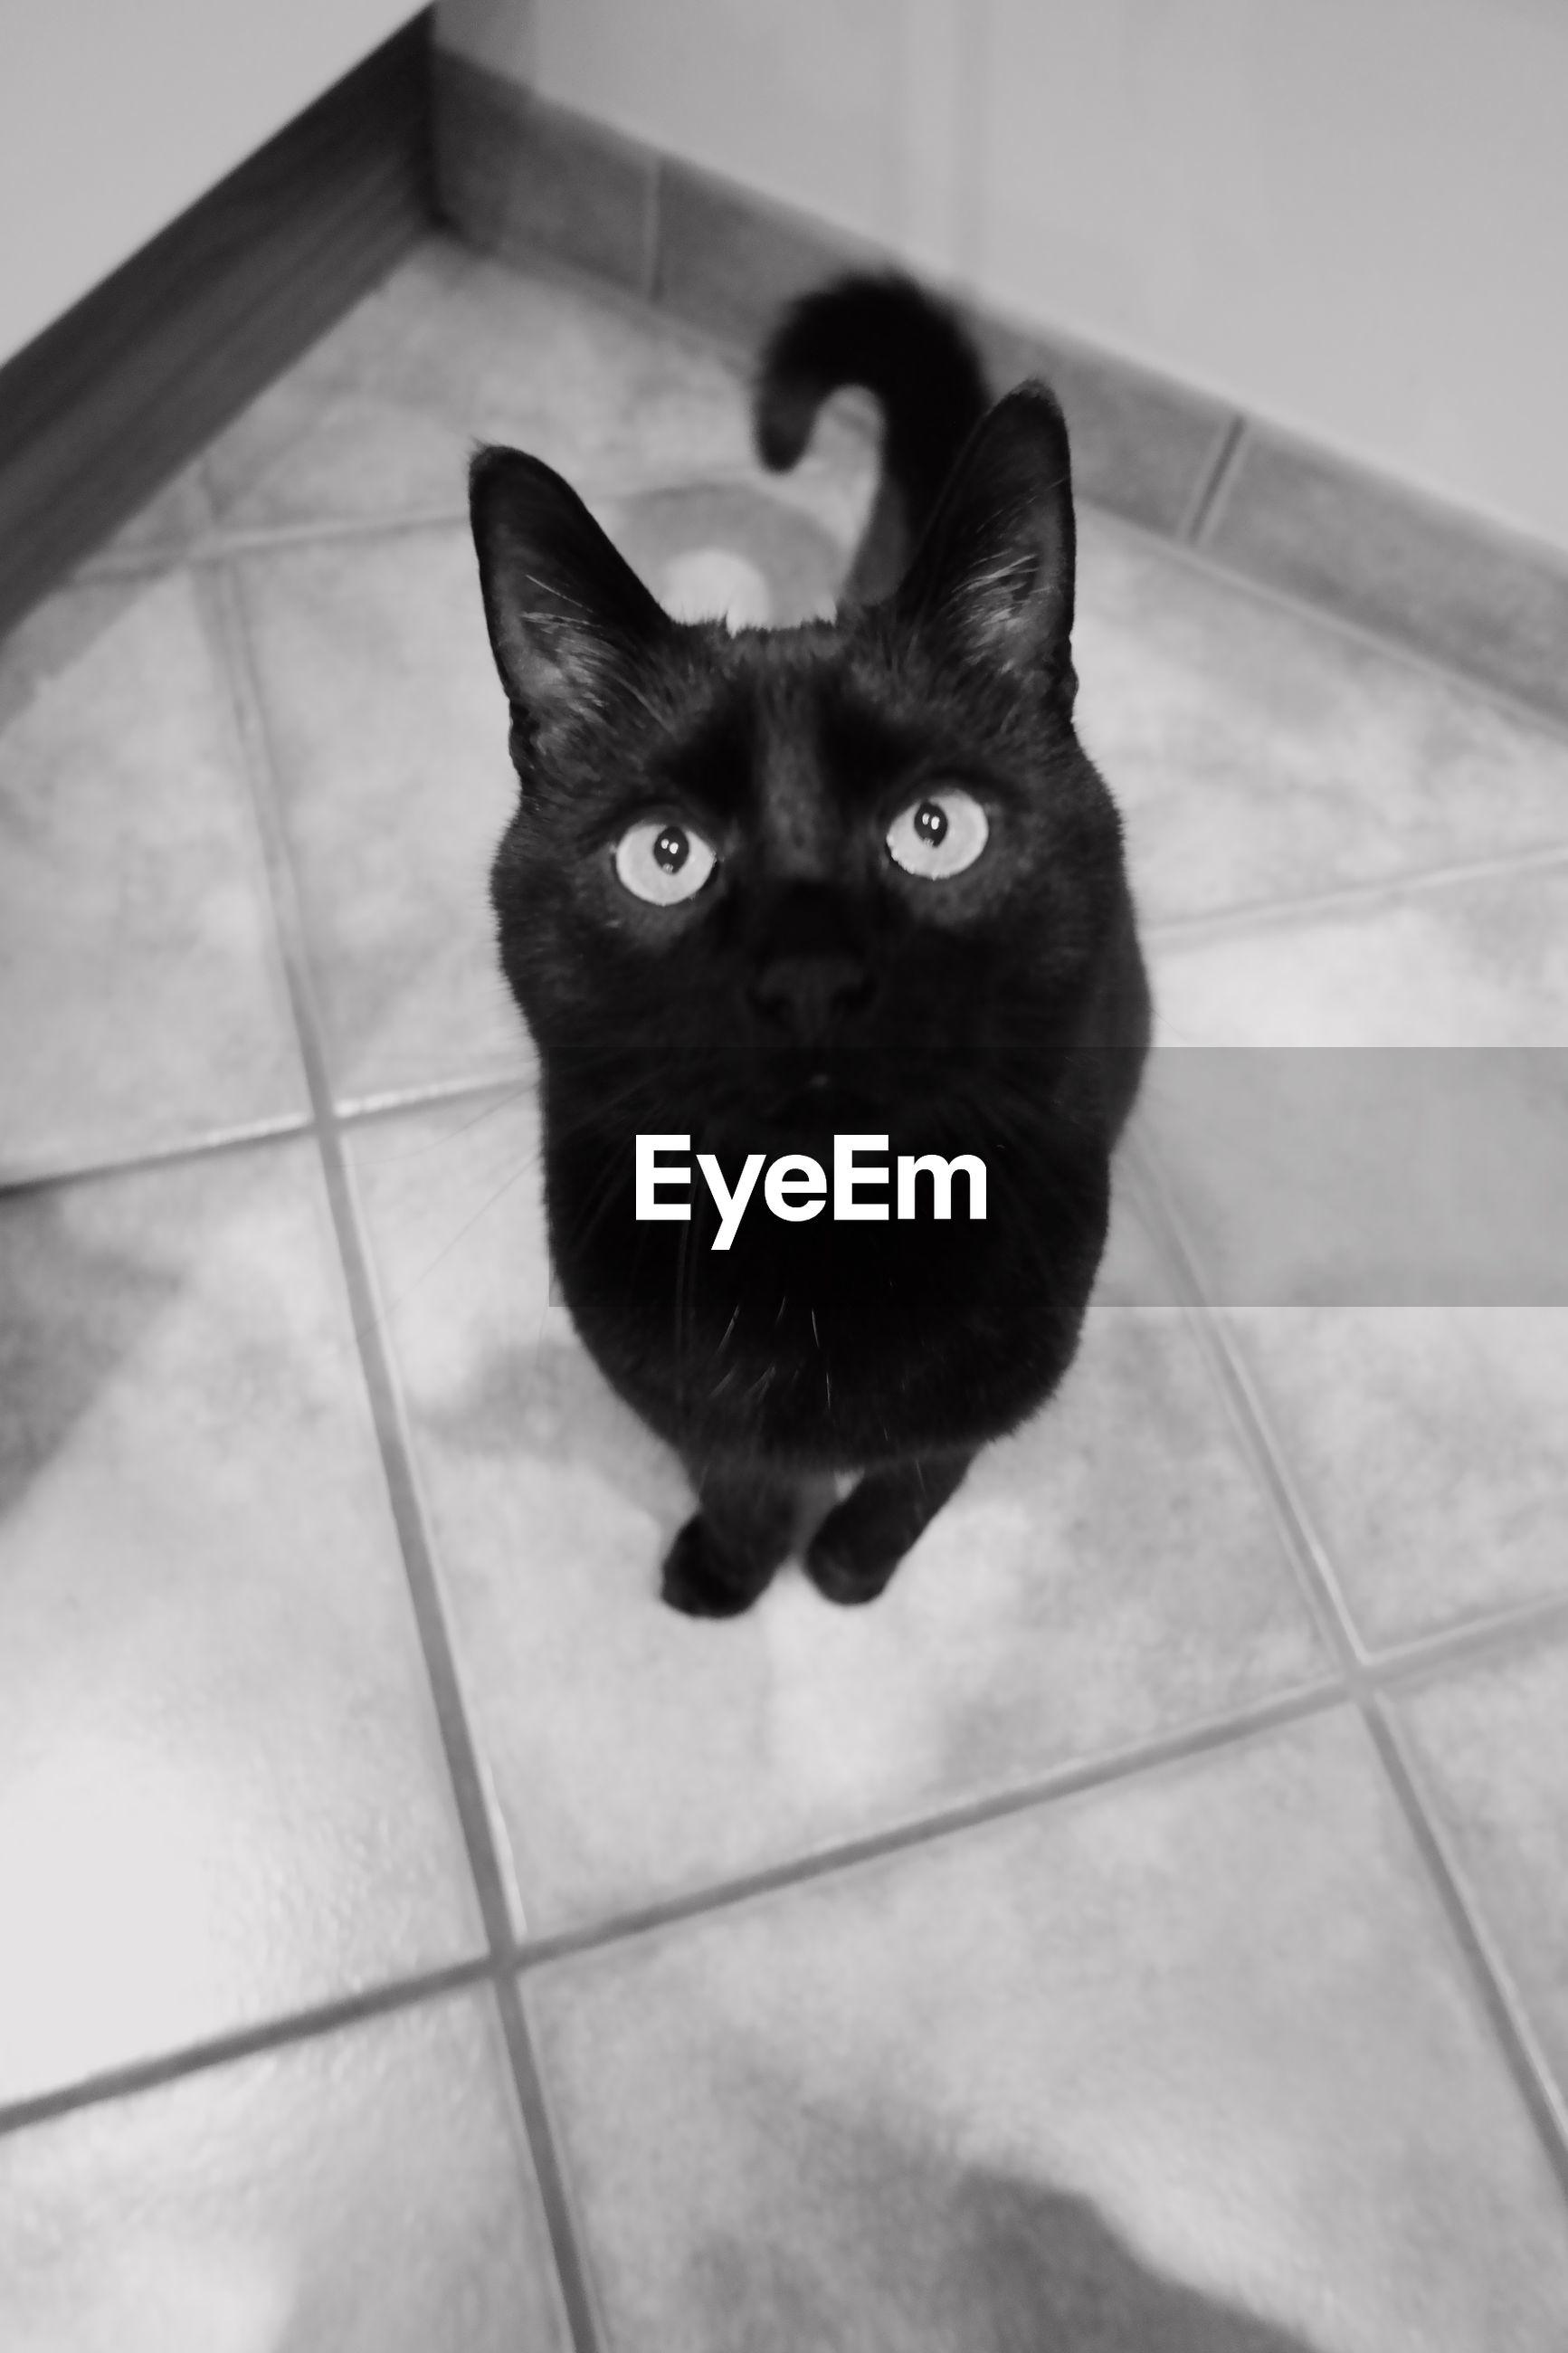 PORTRAIT OF BLACK CAT ON TILED FLOOR